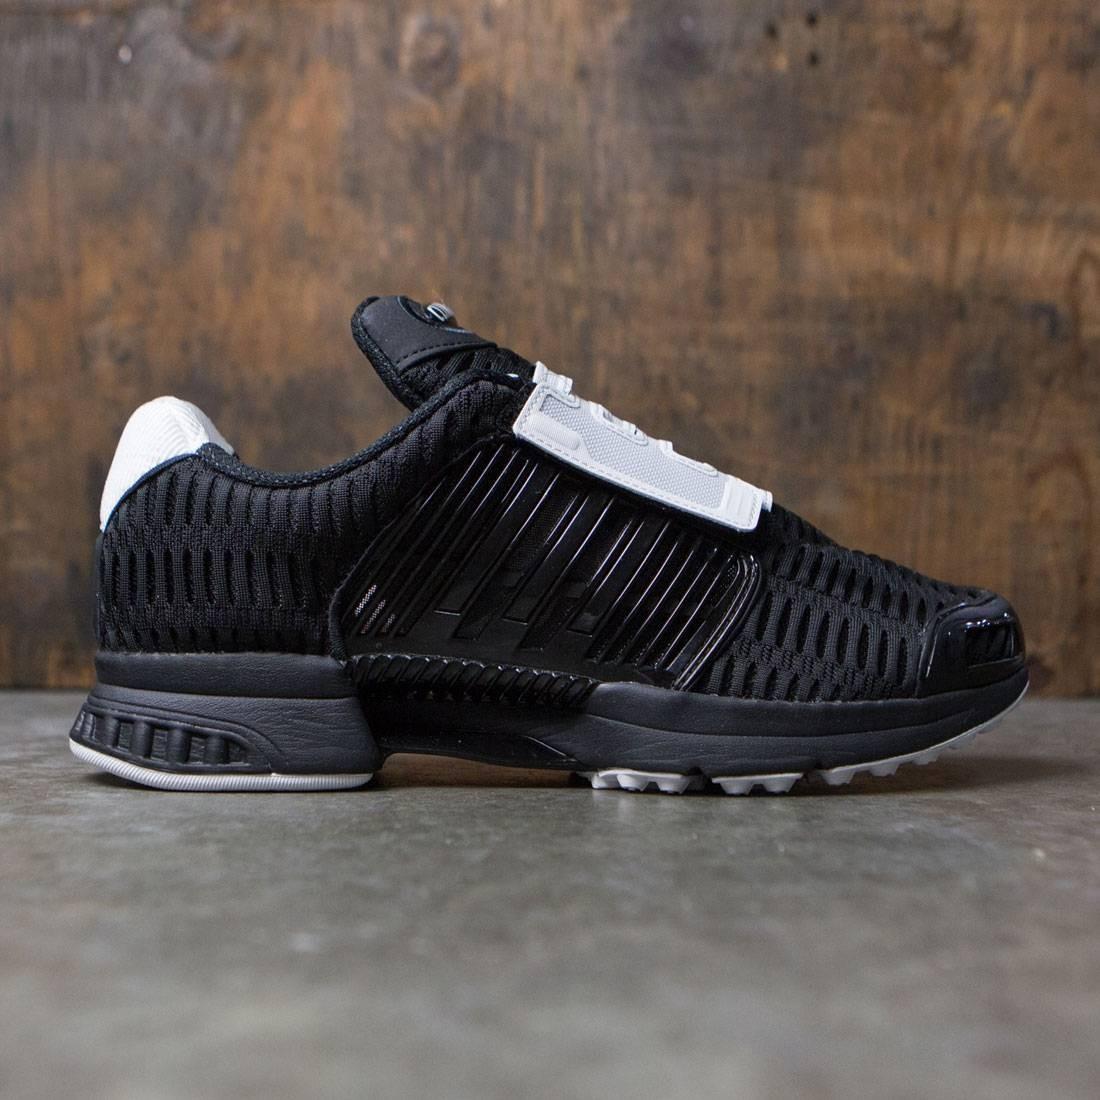 【海外限定】アディダス クリーマクール コア 黒 ブラック ビンテージ ヴィンテージ メンズ靴 靴 【 ADIDAS CLIMACOOL BLACK VINTAGE MEN 1 CMF CORE WHITE 】